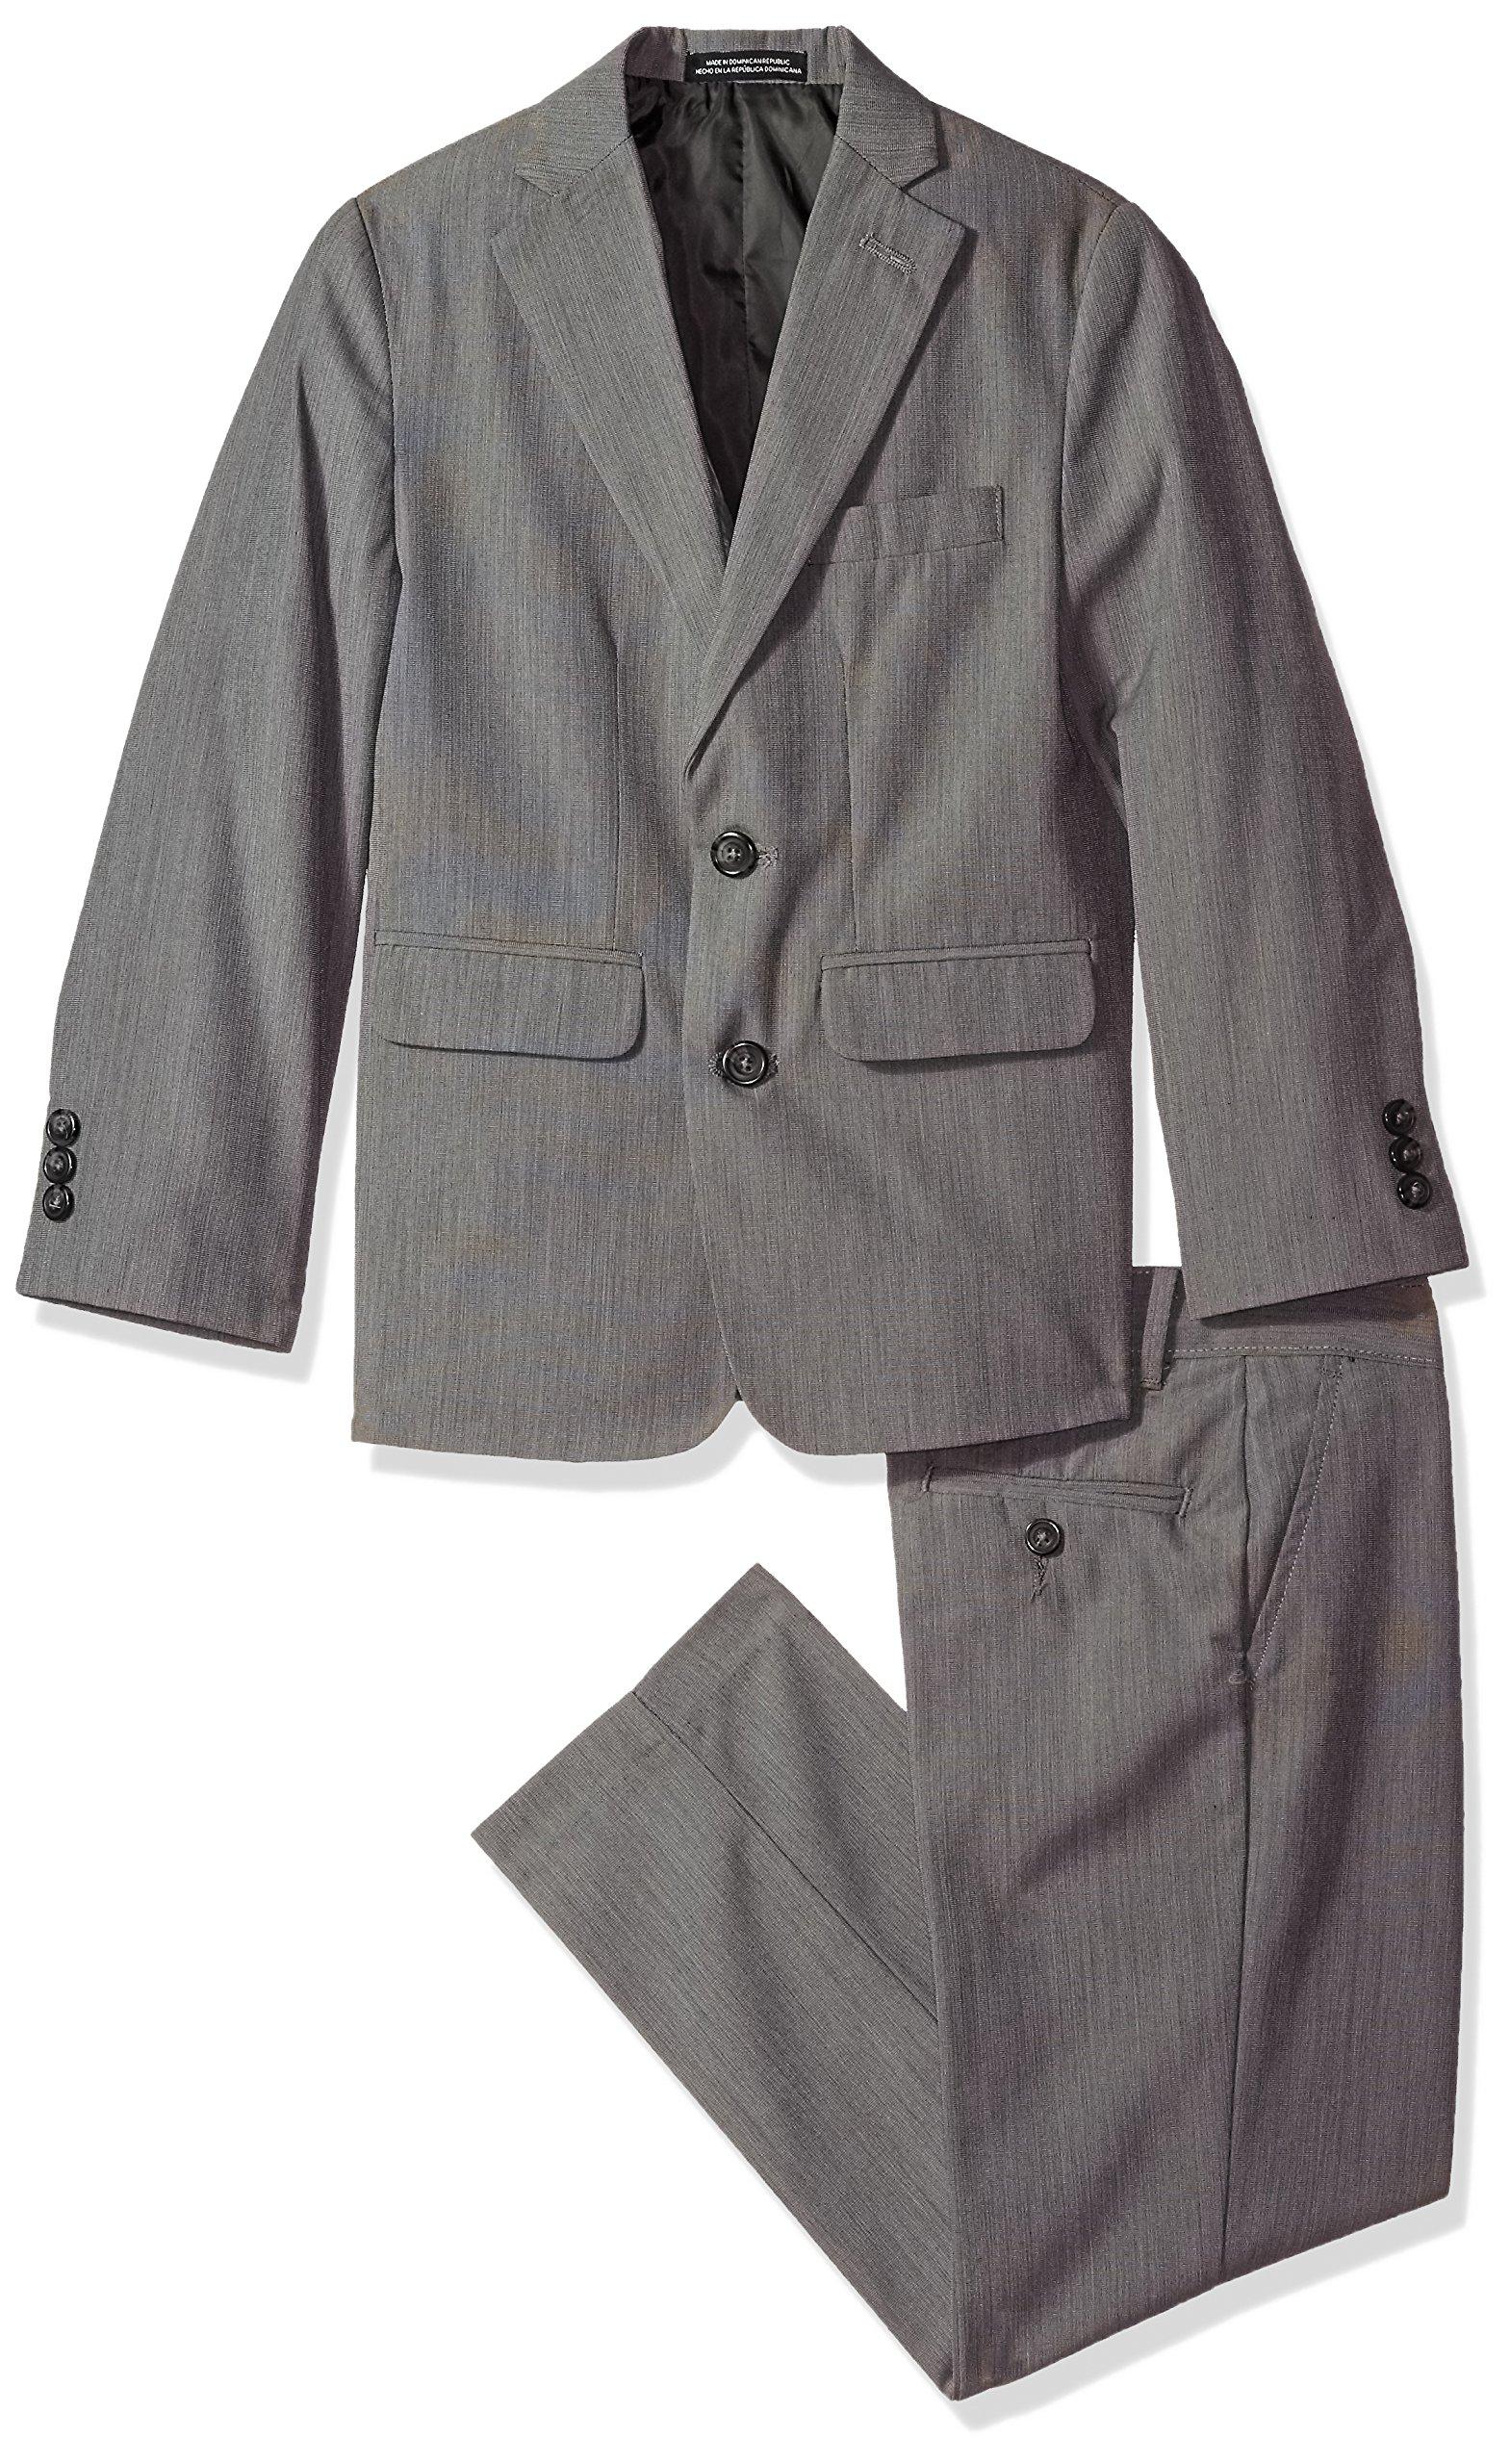 Van Heusen Big Boys' Hairline 2 Pc Suit, Dark Shadow, 12 by Van Heusen